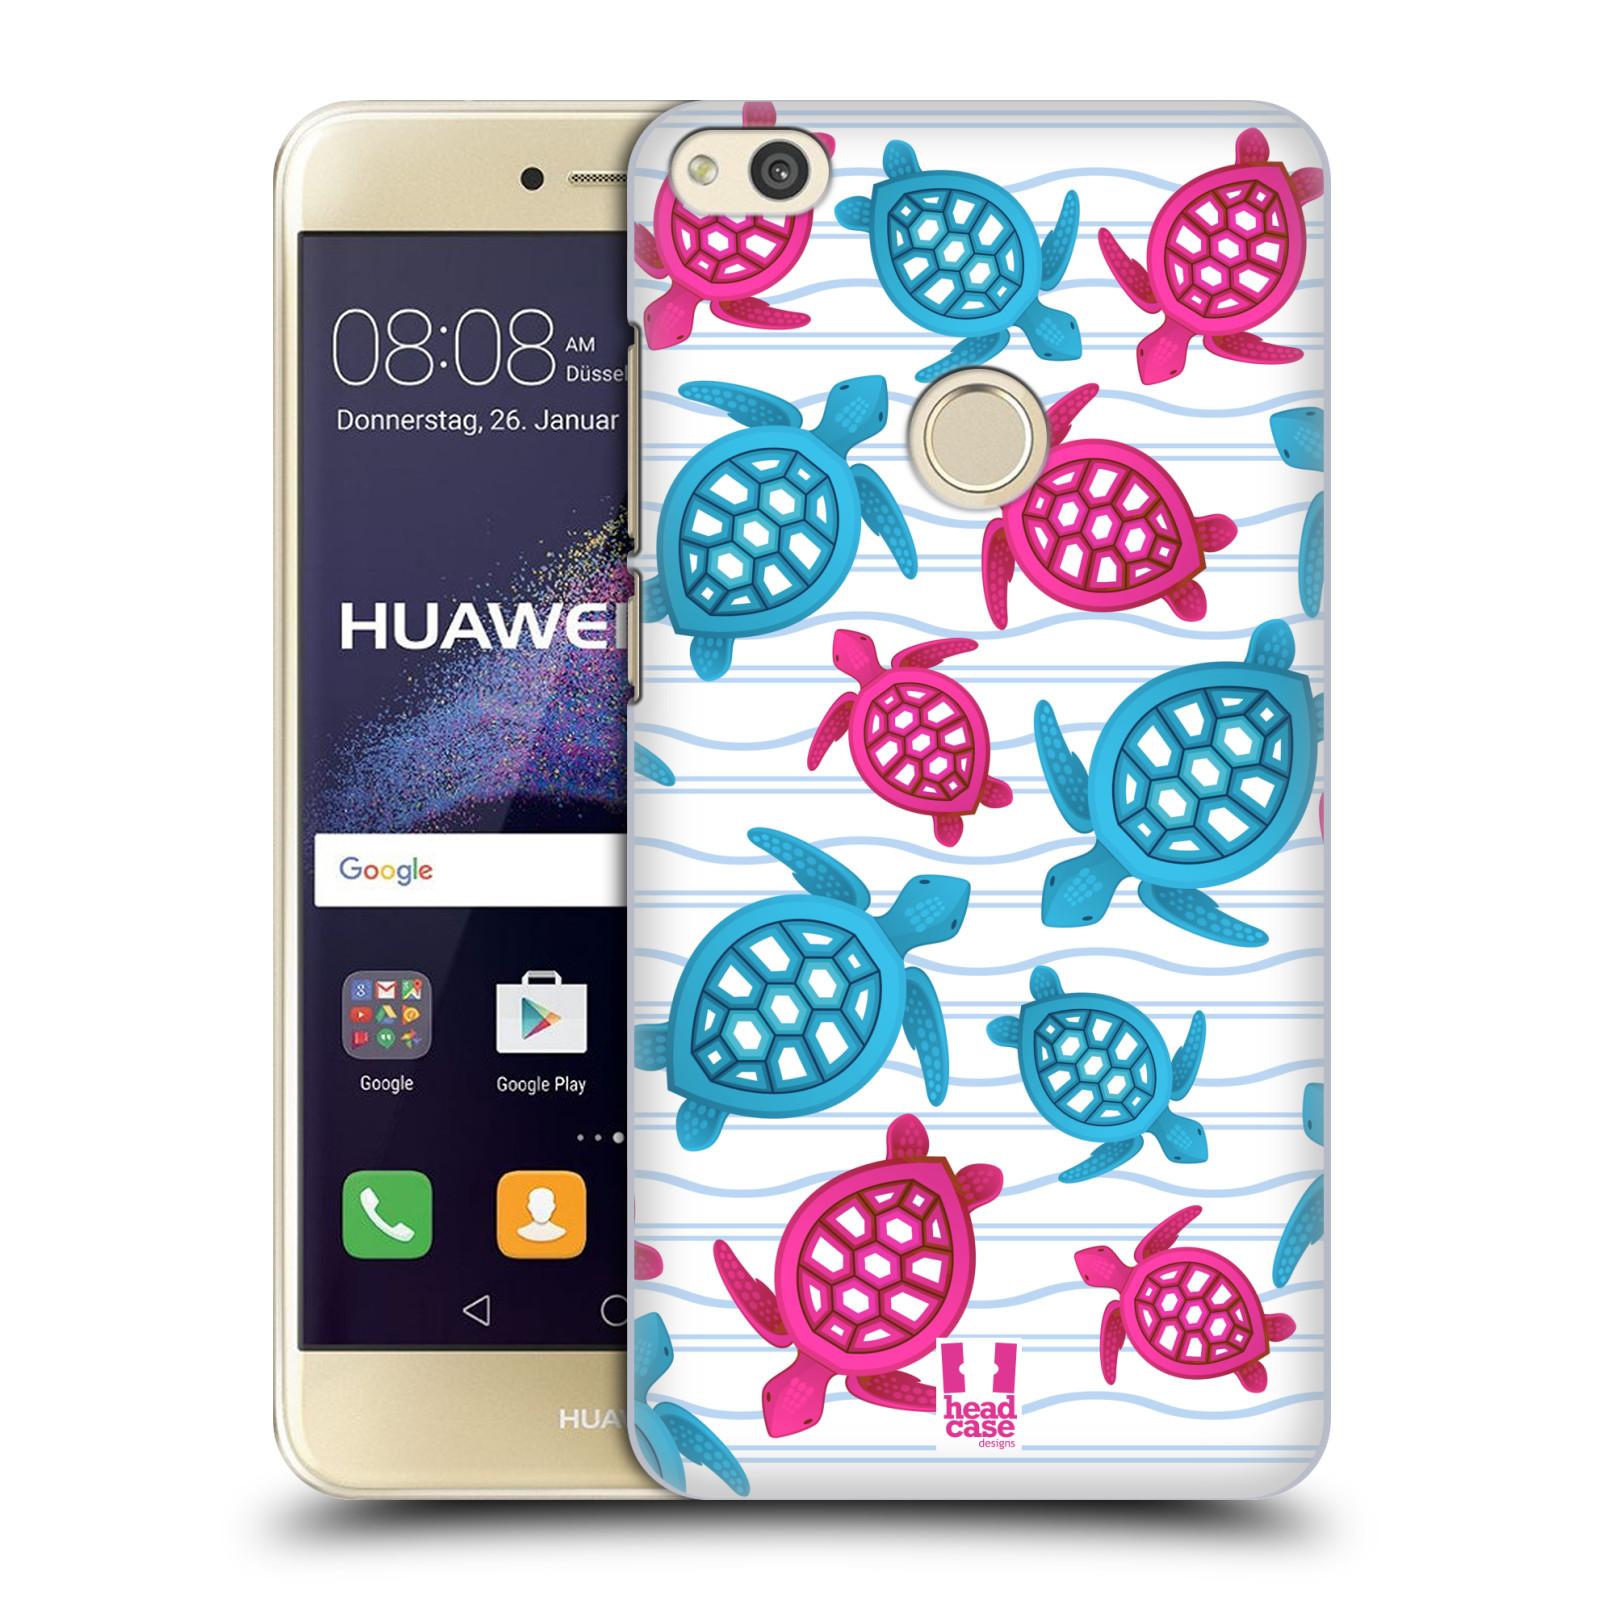 HEAD CASE silikonový obal na mobil Huawei P8 LITE 2017 vzor mořský živočich želva modrá a růžová